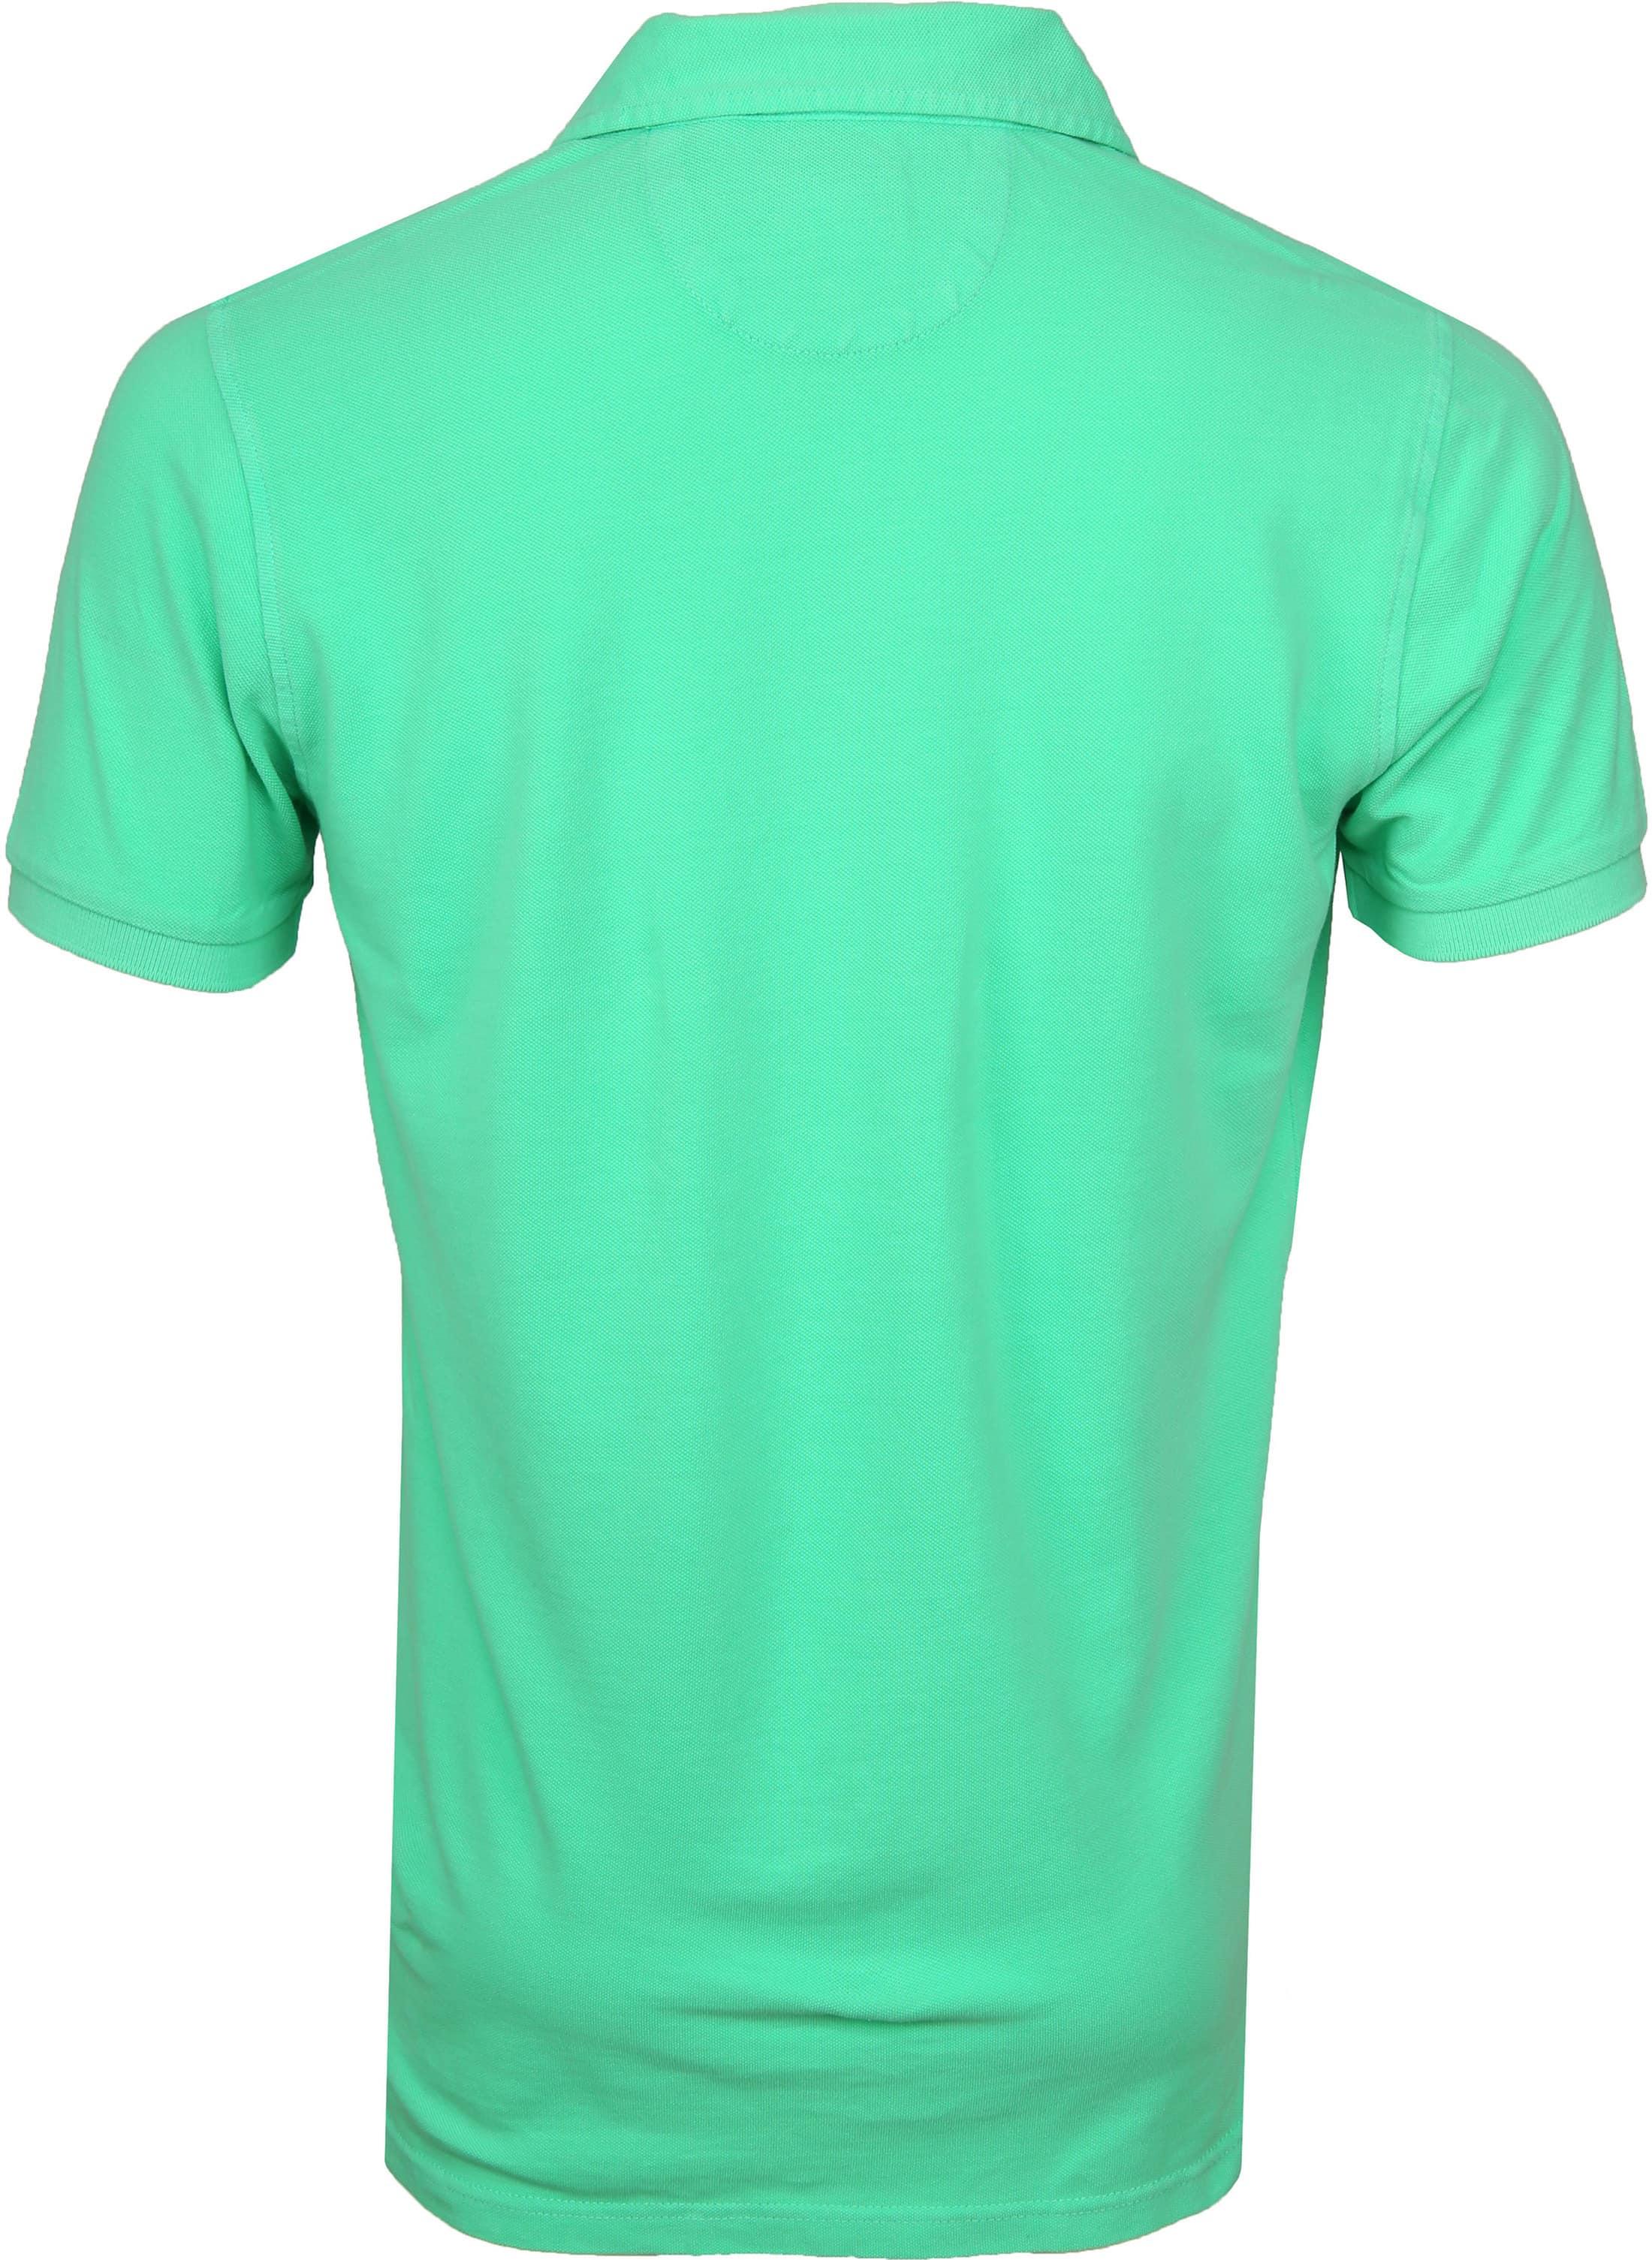 NZA Poloshirt Waiapu Neon Green foto 3